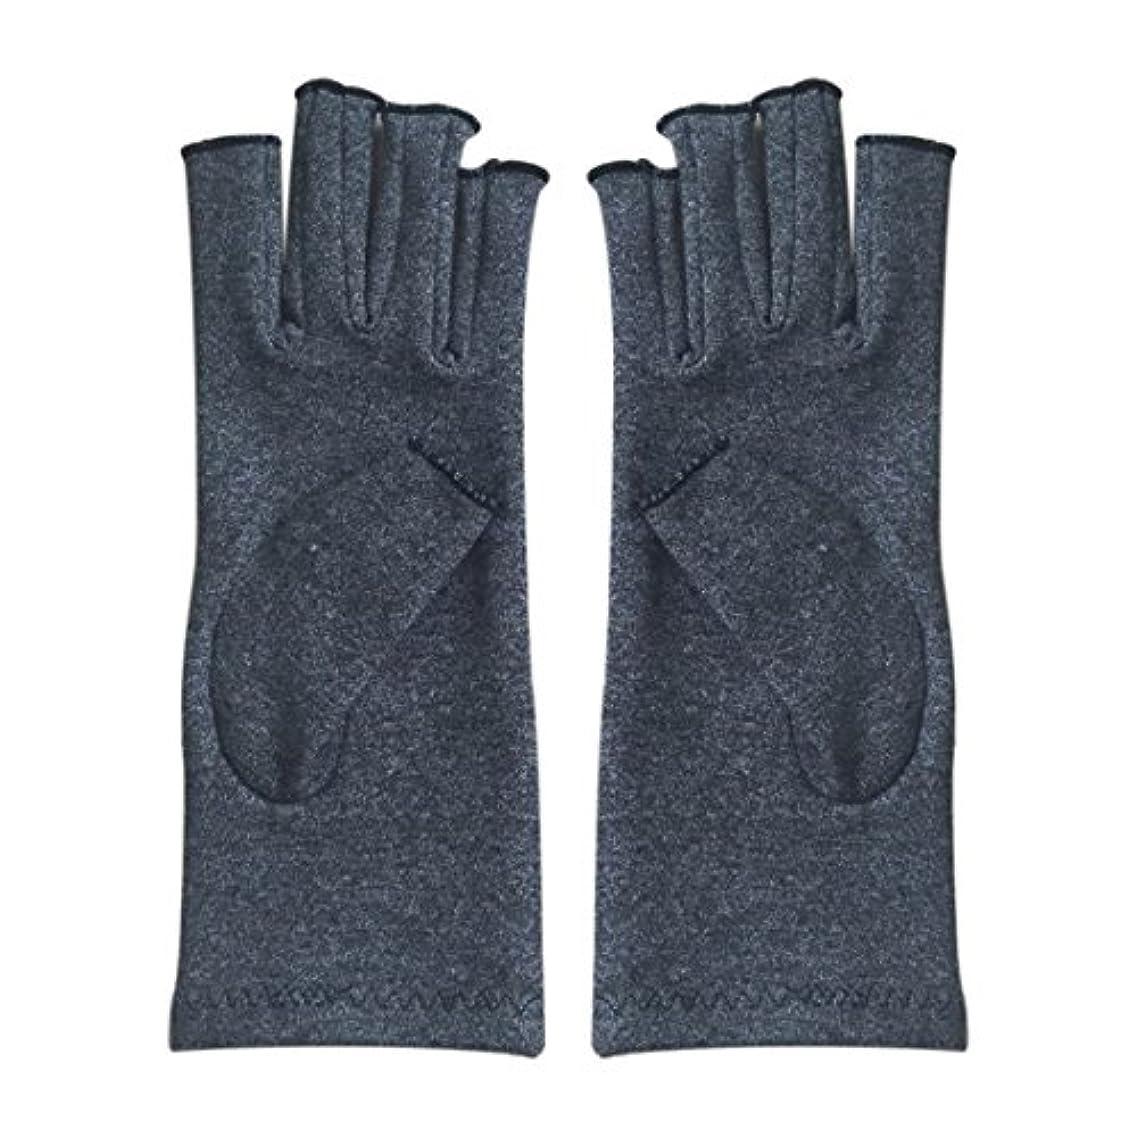 倫理チャーム建築CUHAWUDBA 1ペア成人男性女性用弾性コットンコンプレッション手袋手関節炎関節痛鎮痛軽減S -灰色、S